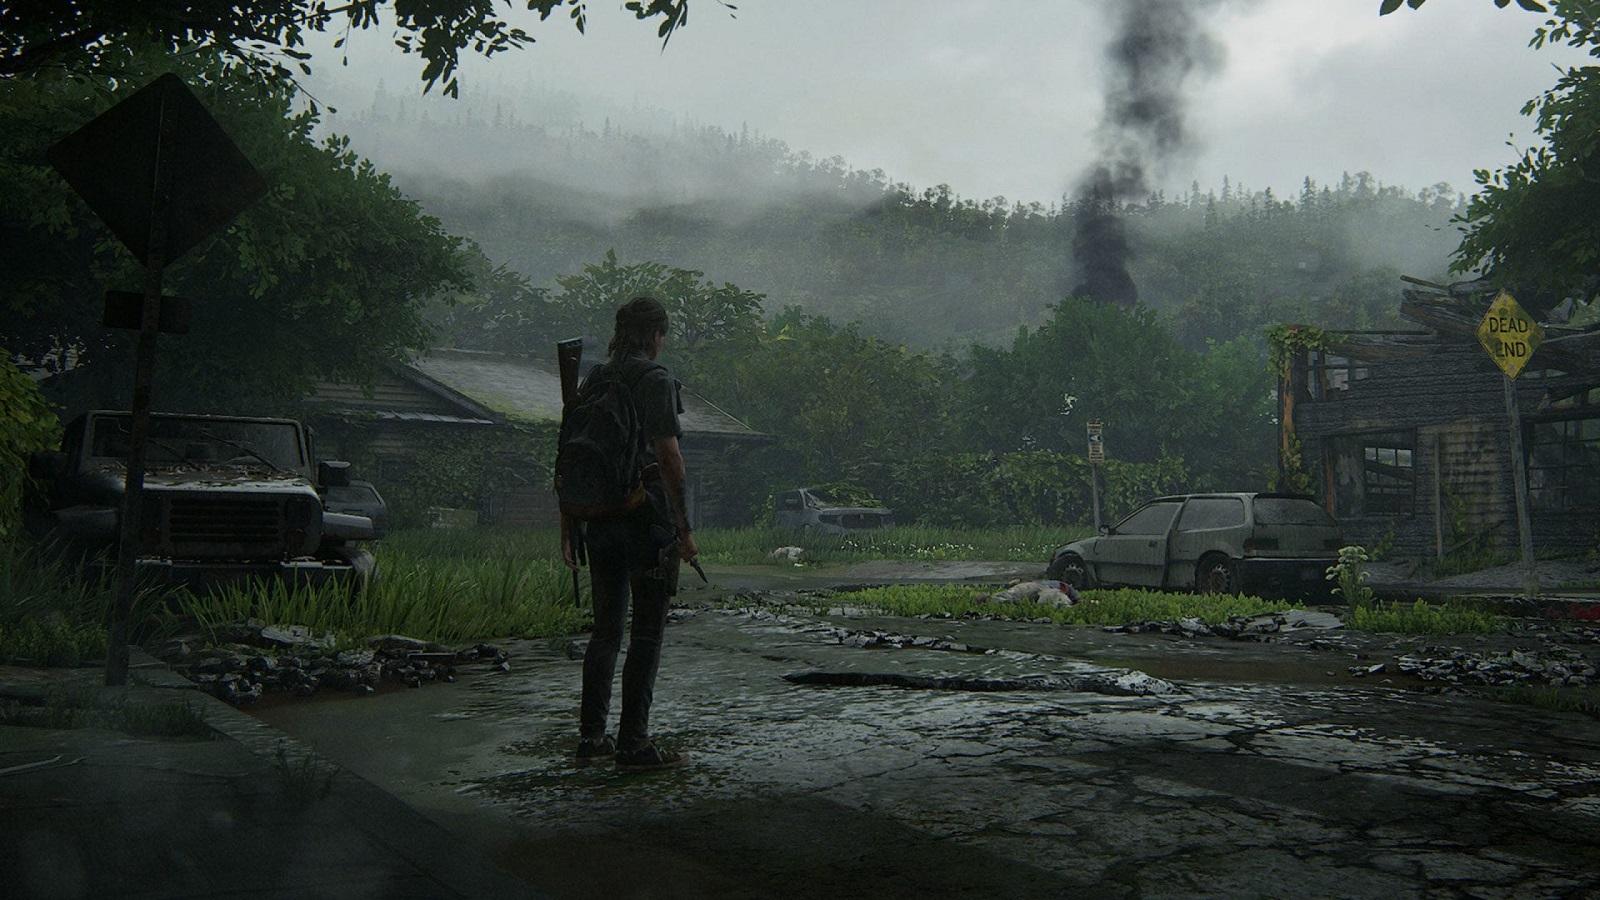 Студии-разработчику The Last of Us понадобился дизайнер экономики для сетевого экшена с элементами игр-сервисов